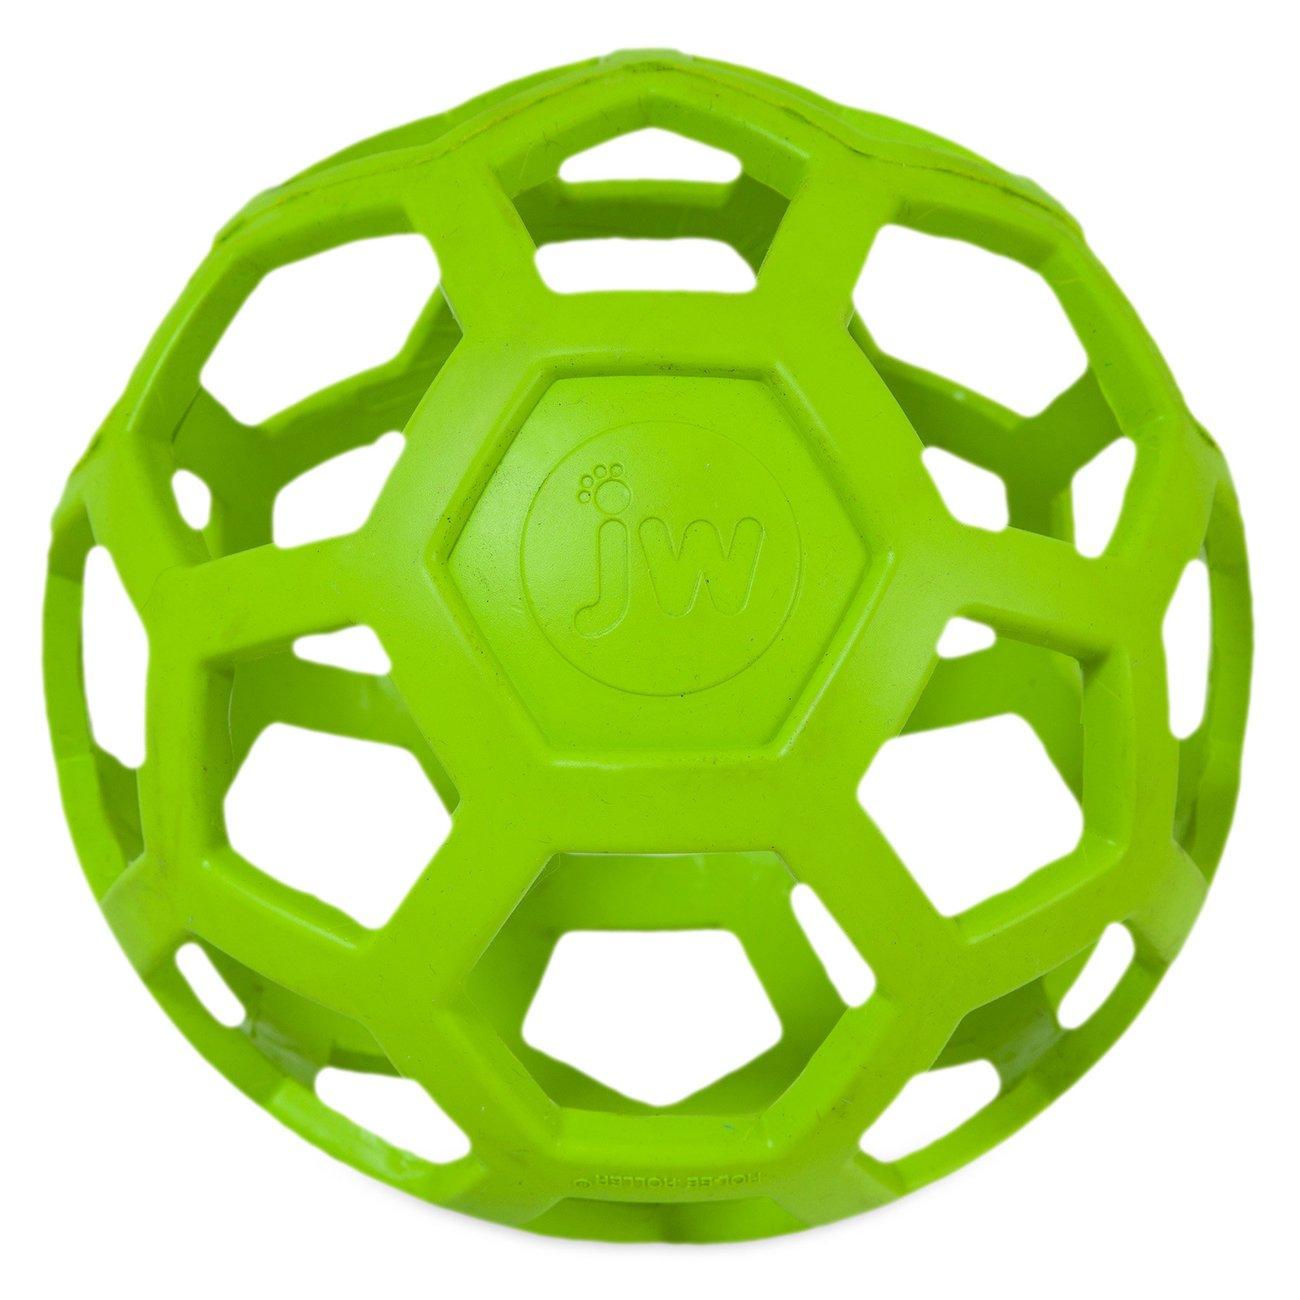 JW Pet HOL-EE Roller Lochball für Hunde, Bild 7